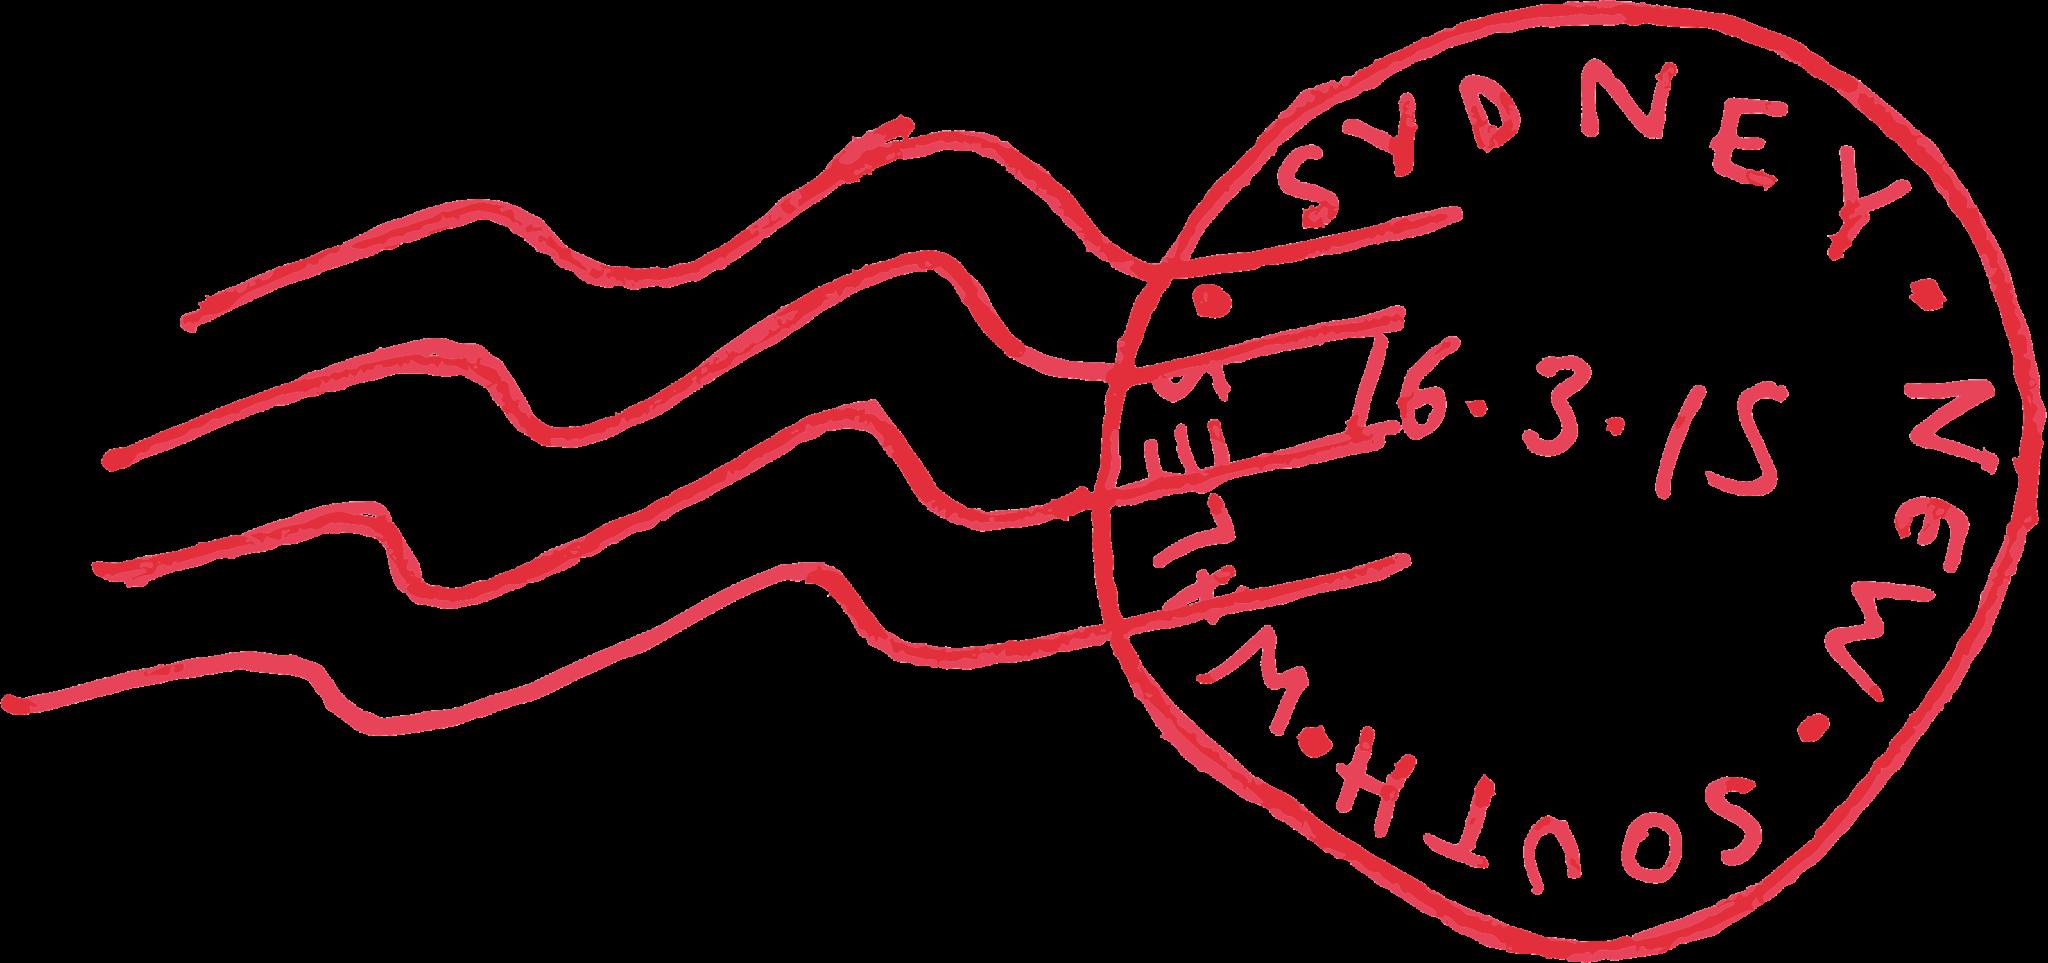 SYDNEY-STAMP-BIG